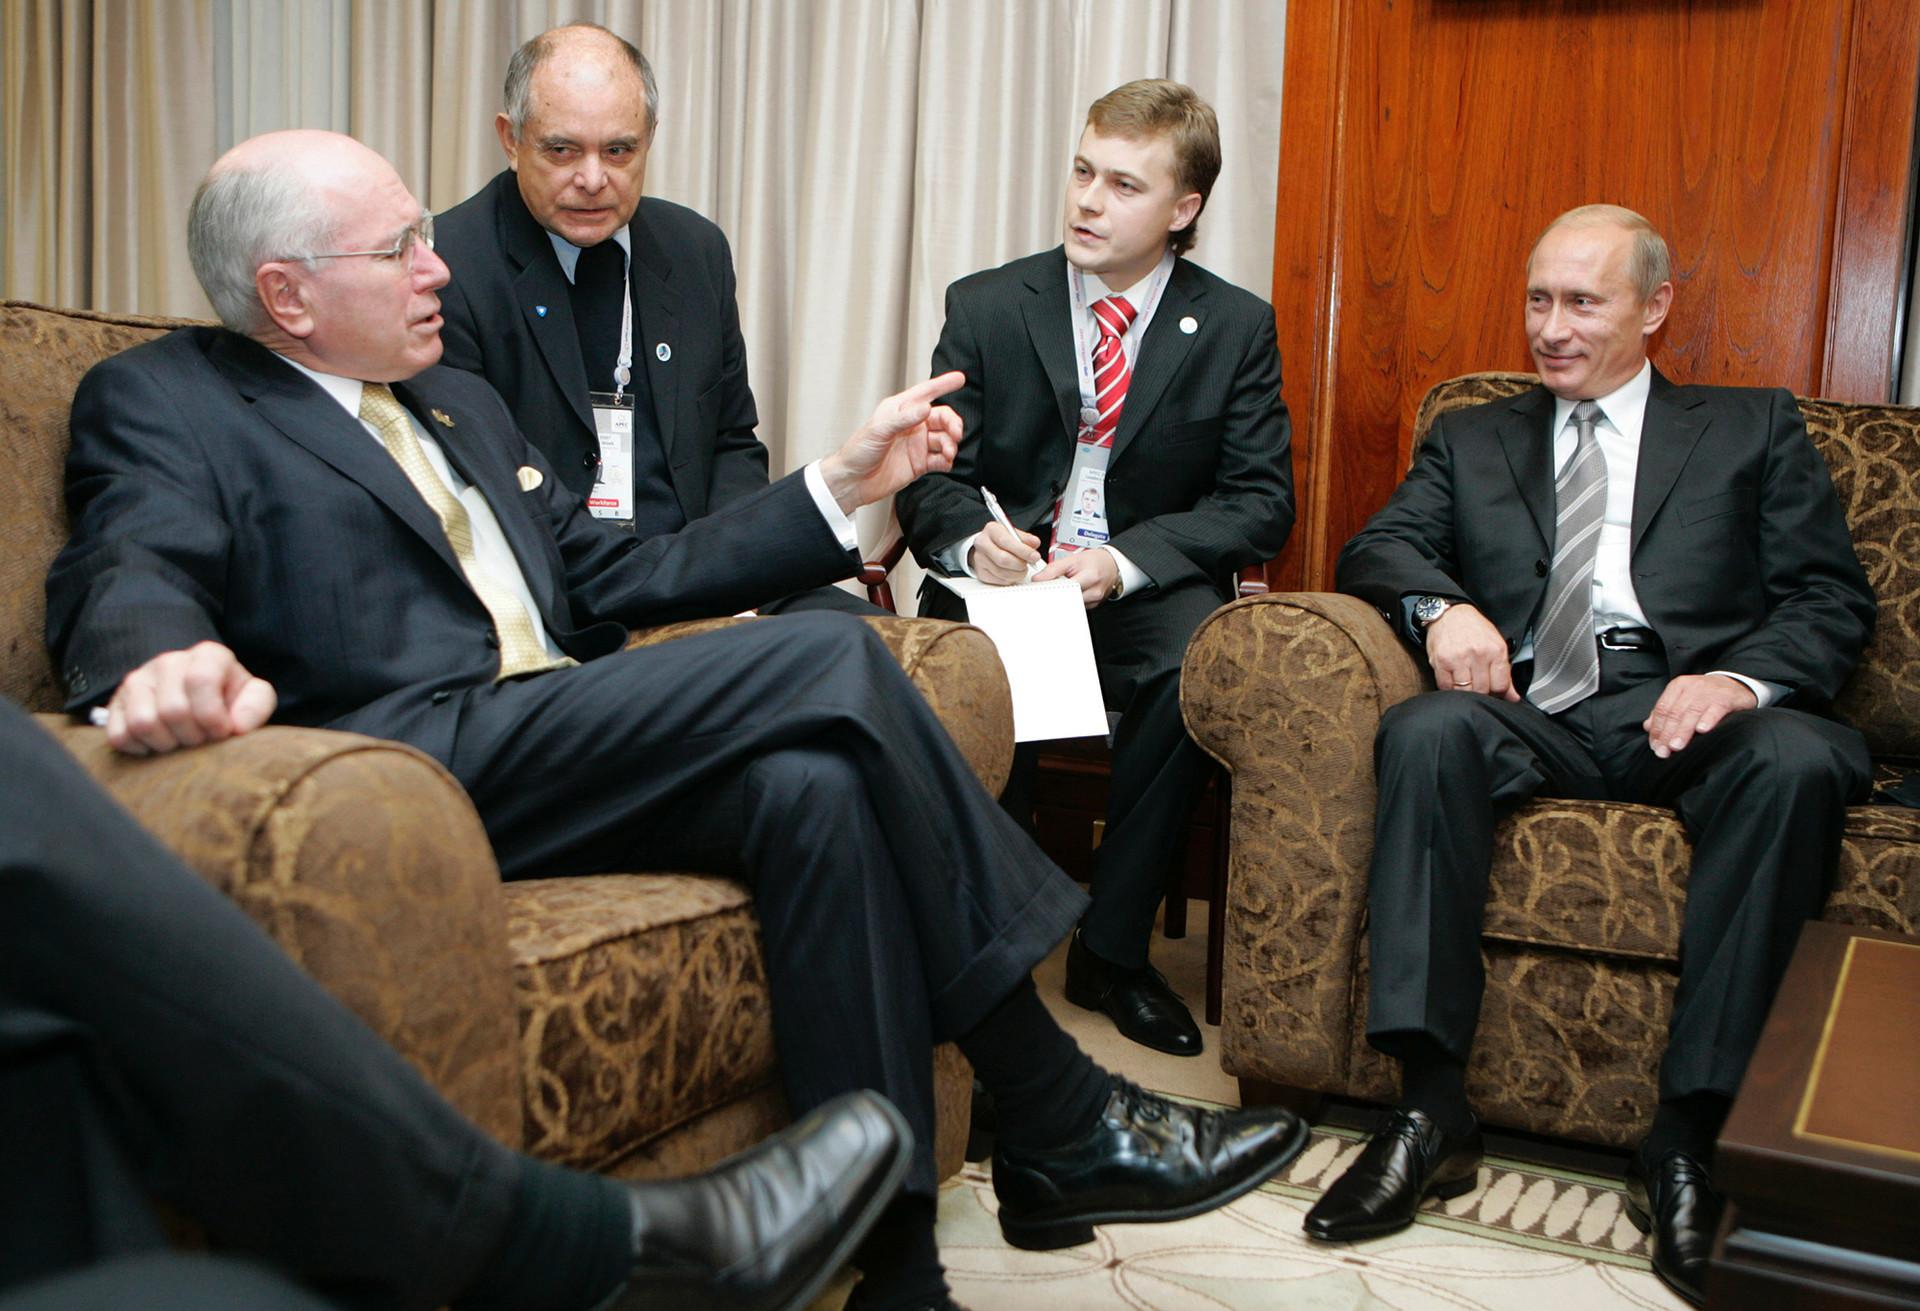 7 септември 2007 година. Премиерот на Австралија Џон Винстон Хауард (лево) и претседателот на Русија Владимир Путин (десно) разговараат во канцеларијата на Националниот федерален парламент во Сиднеј.